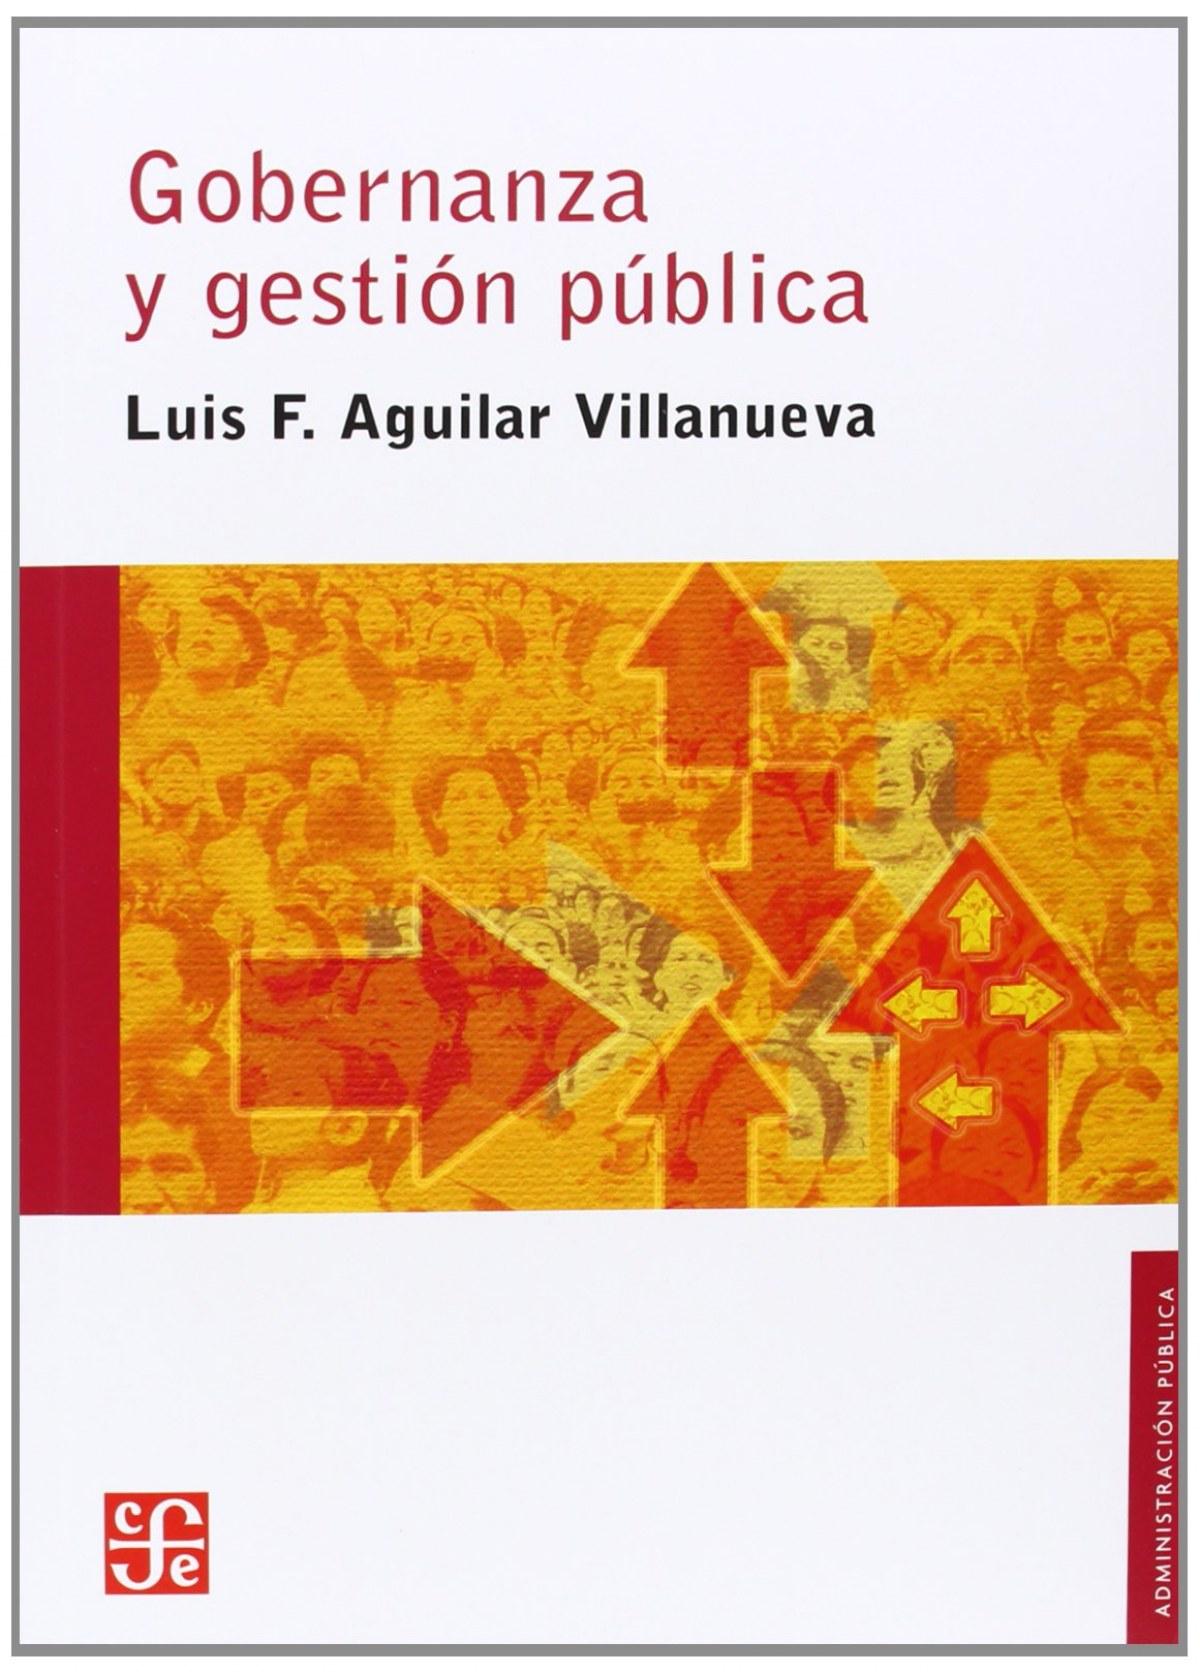 Gobernanza y gestión pública